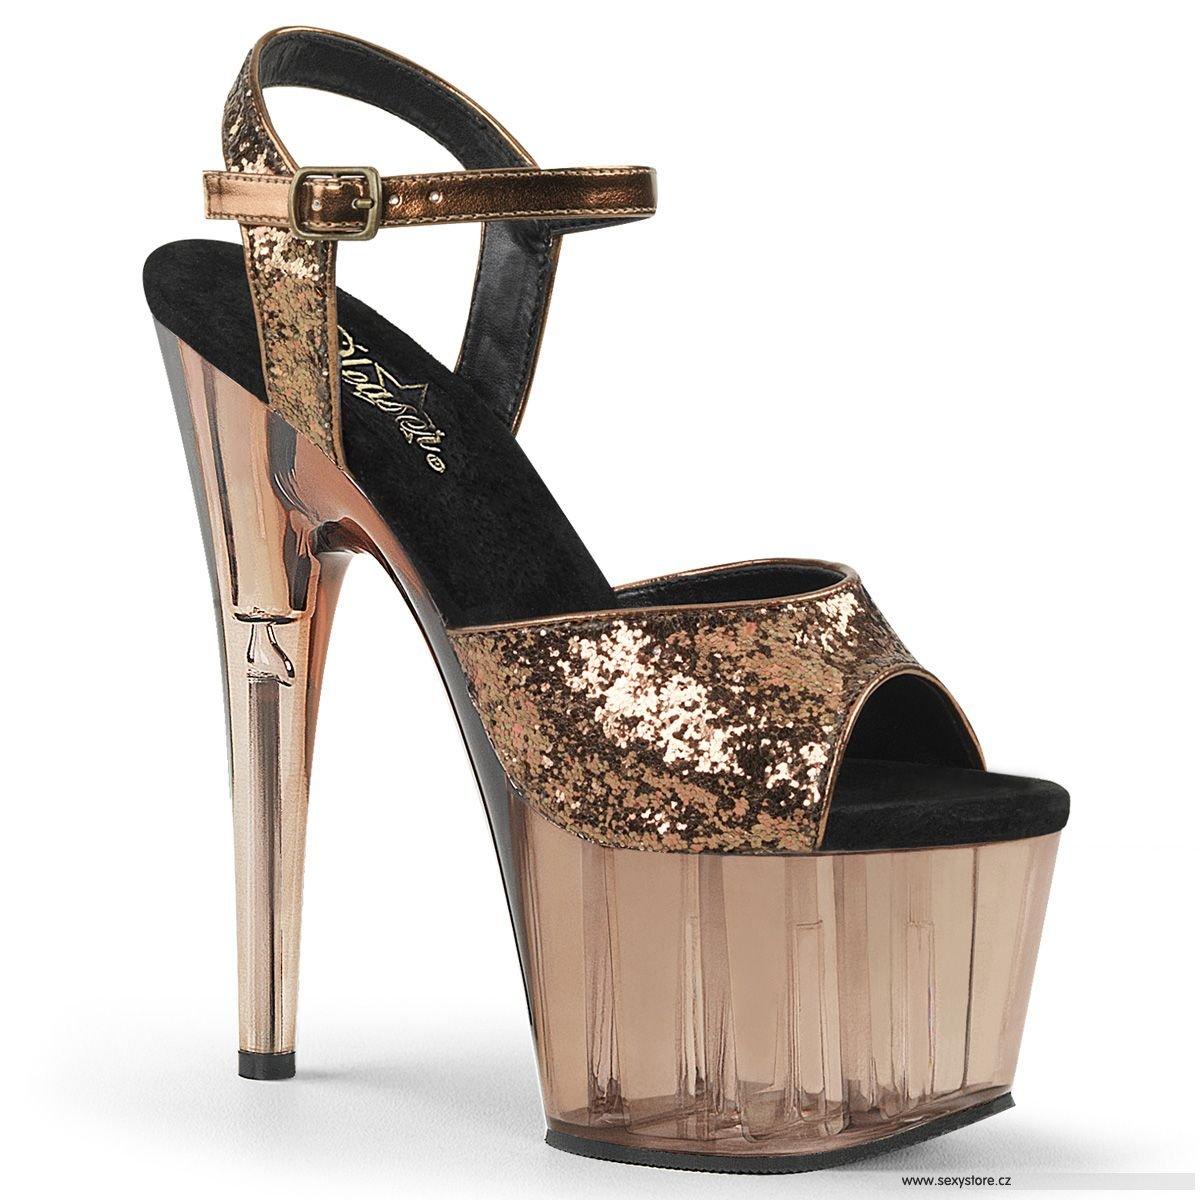 ADORE-710GT Bronzové sandály na vysokém podpatku ADO710GT BZG M ... 873d4fab18